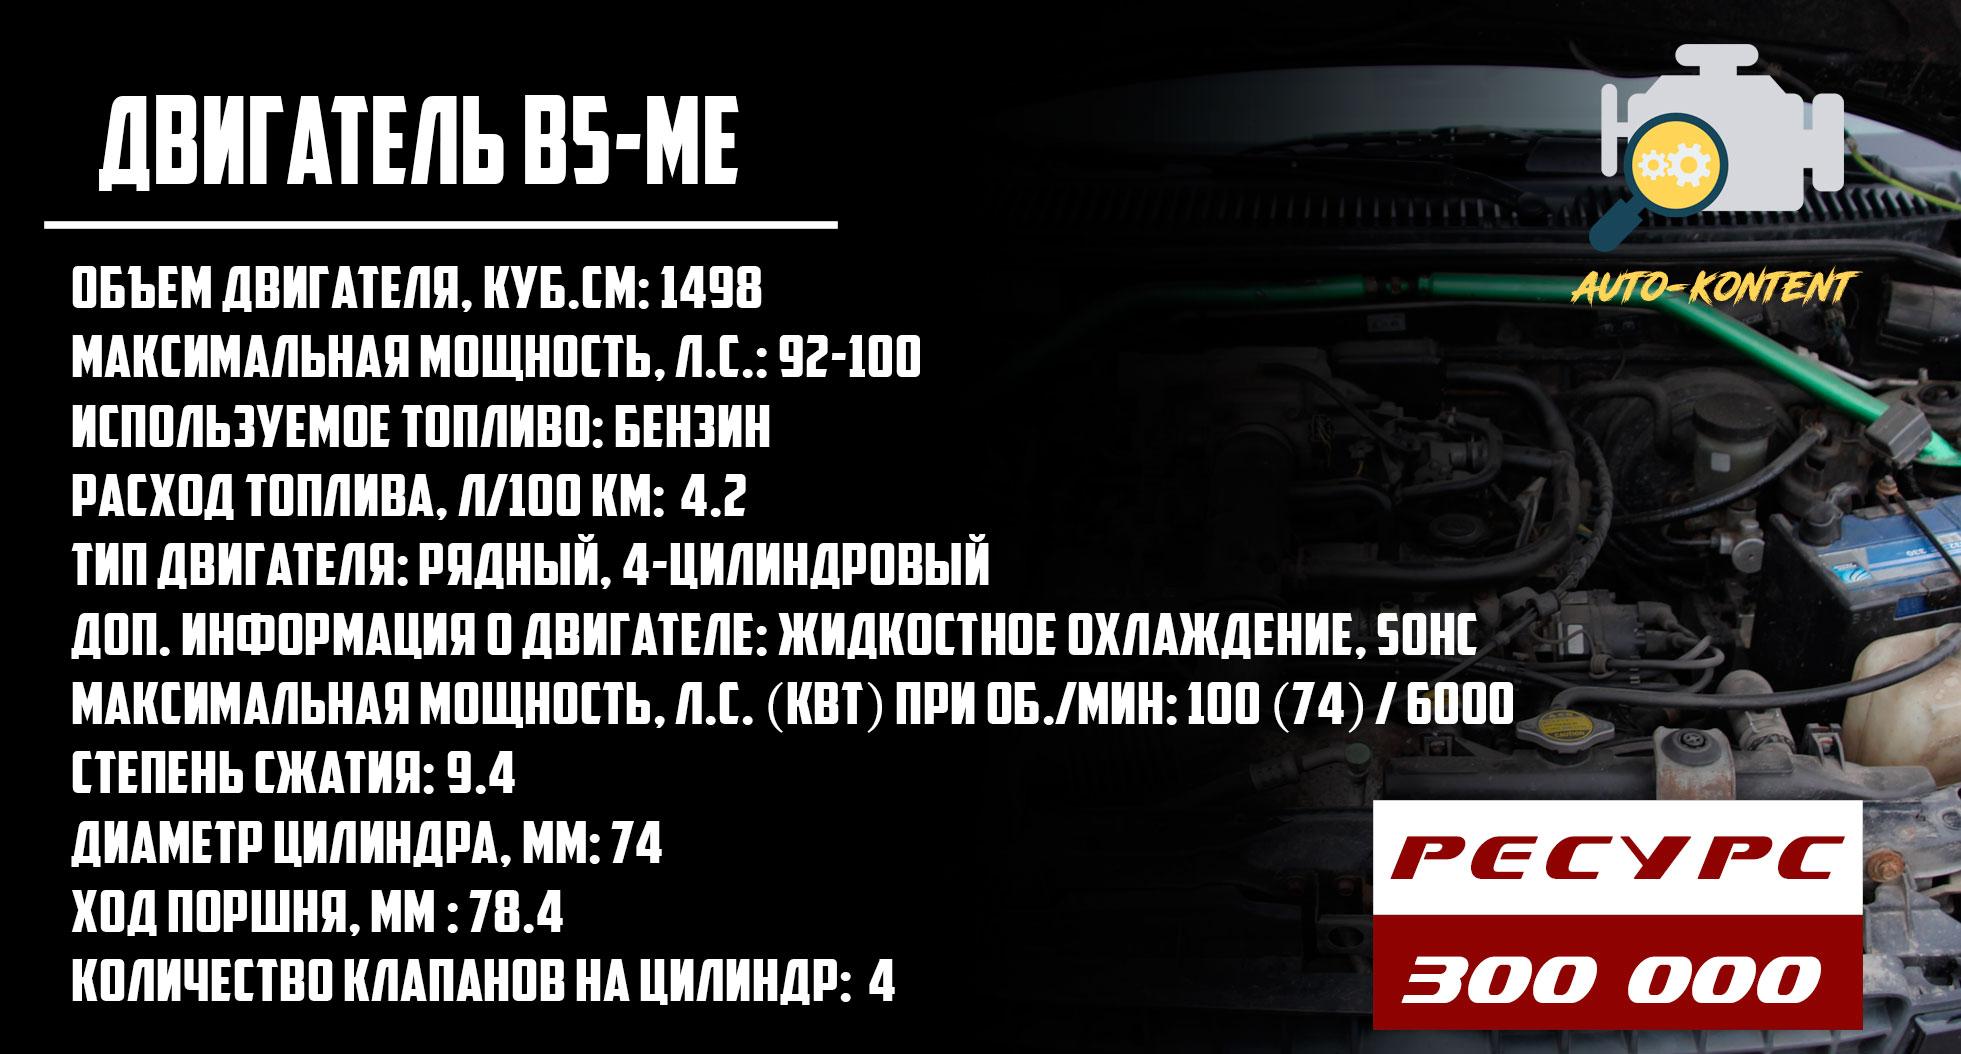 B5-ME